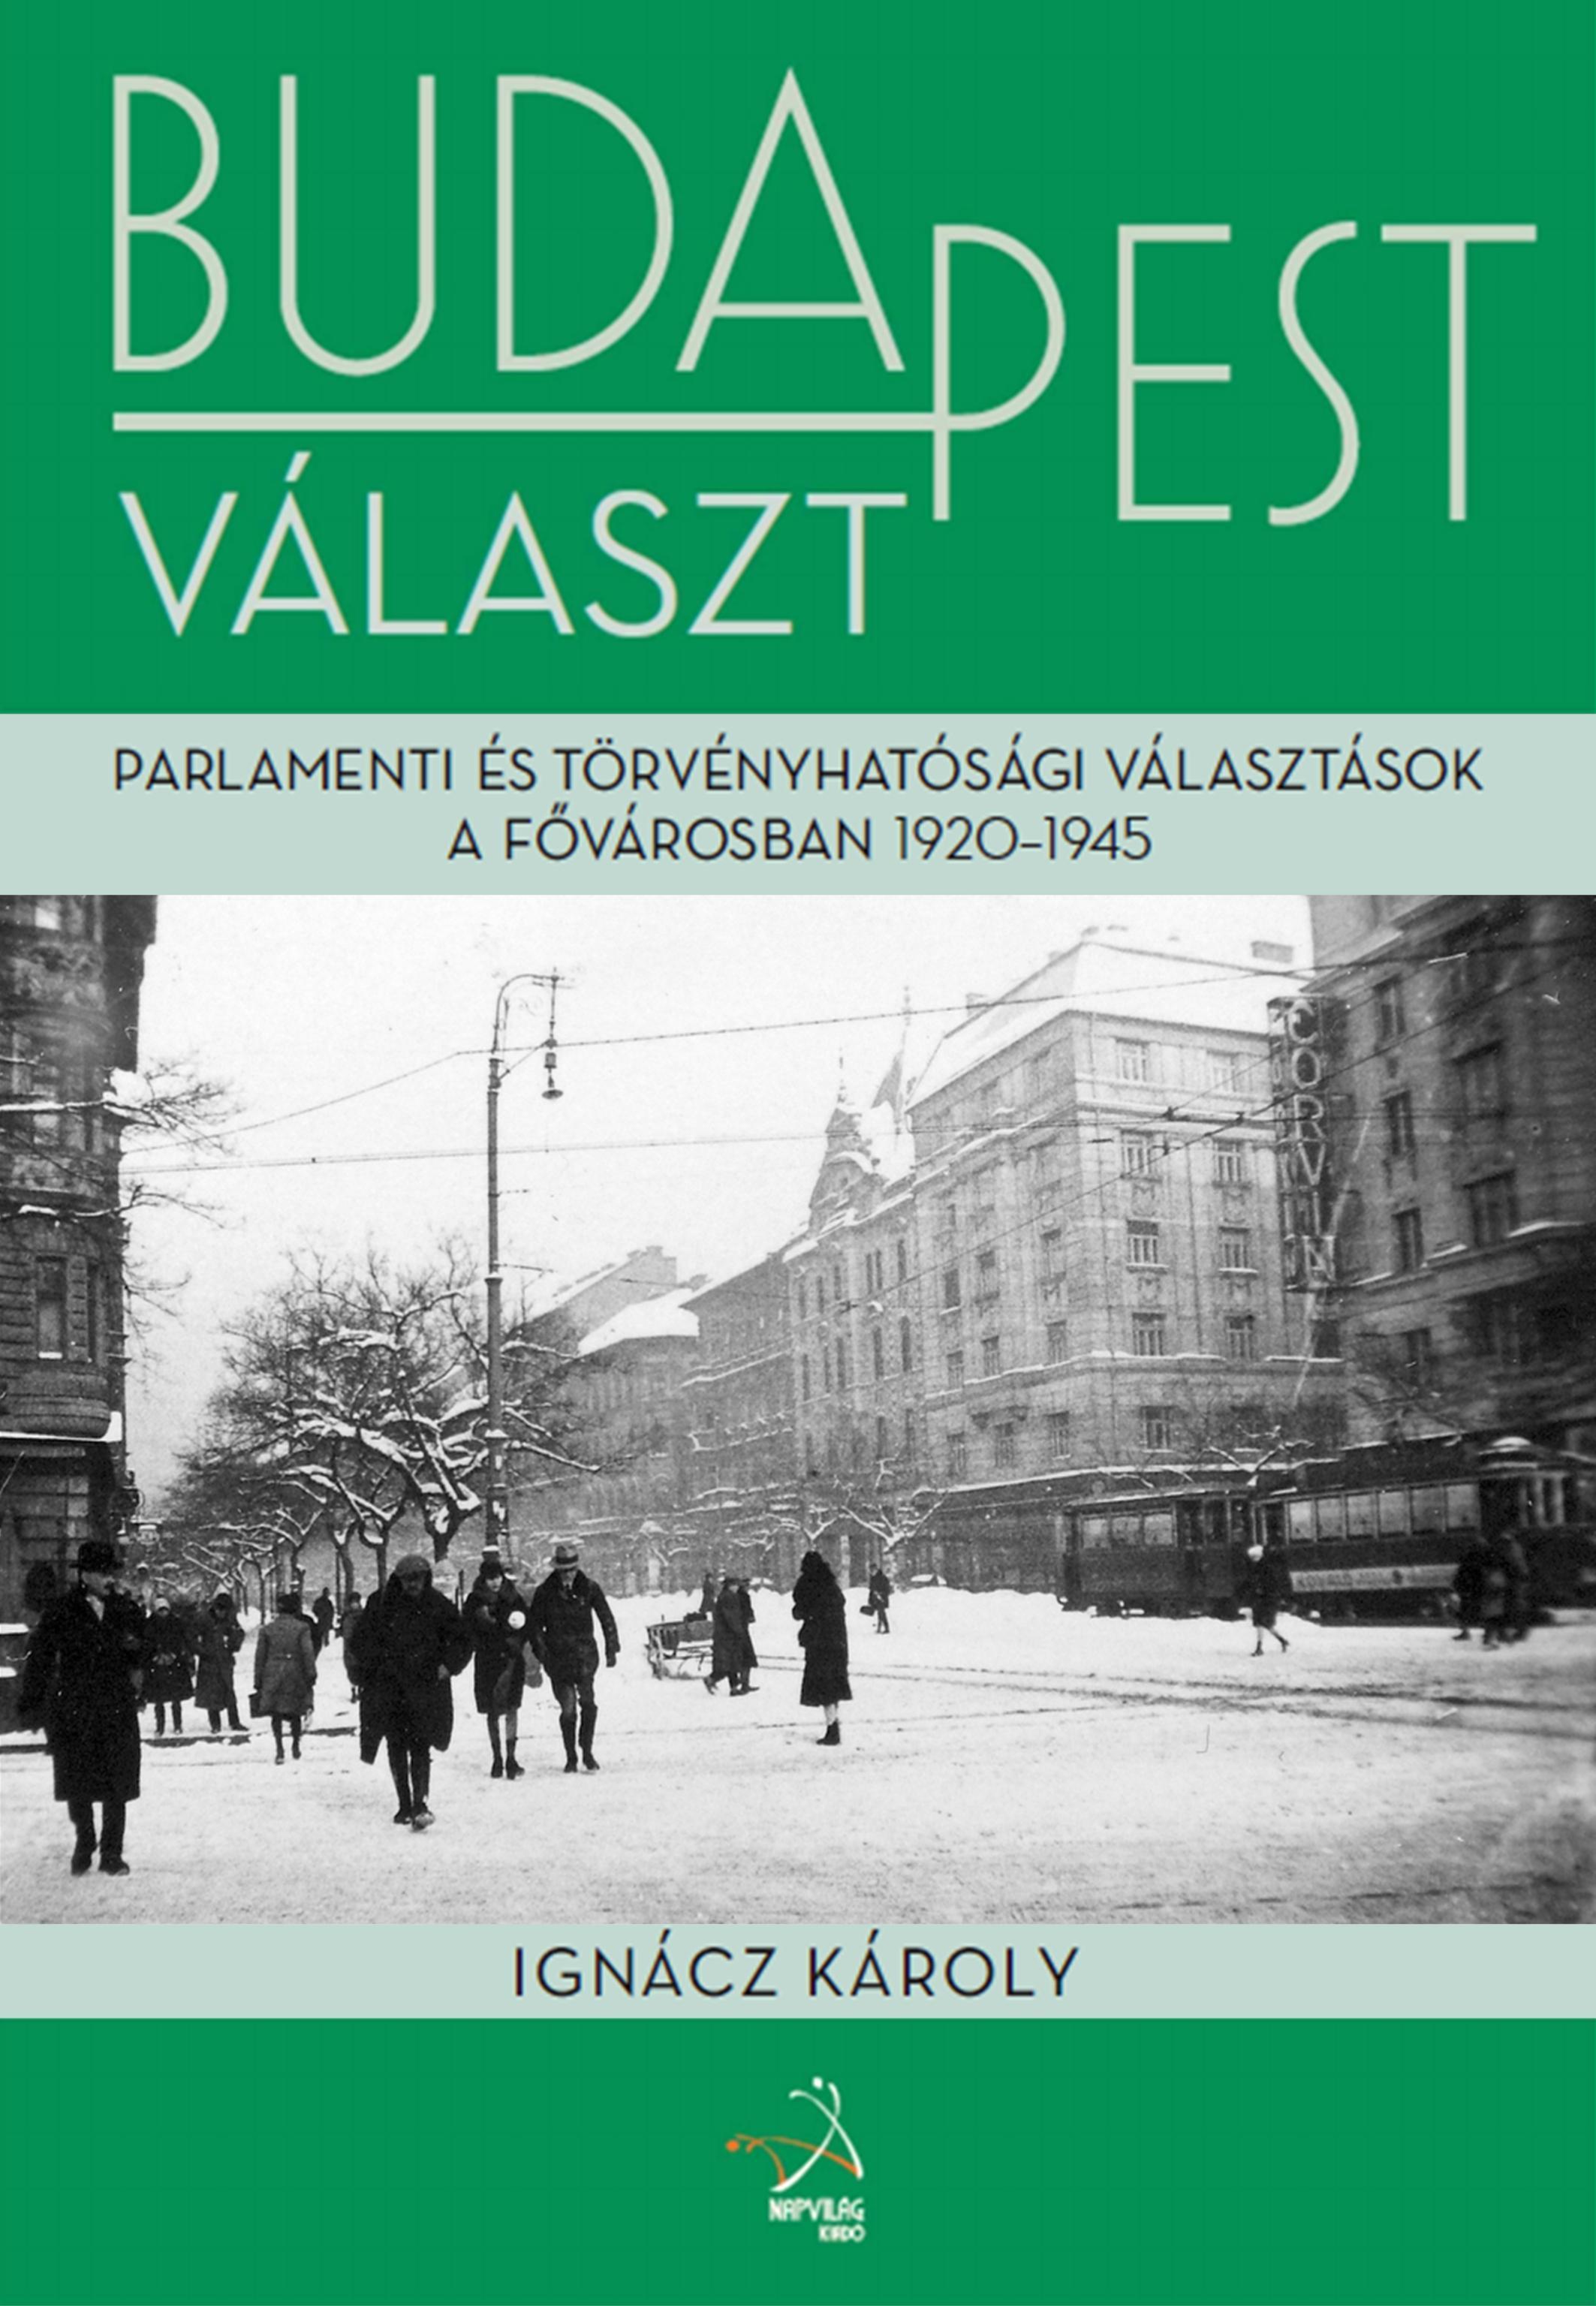 BUDAPEST VÁLASZT (1920-1945)